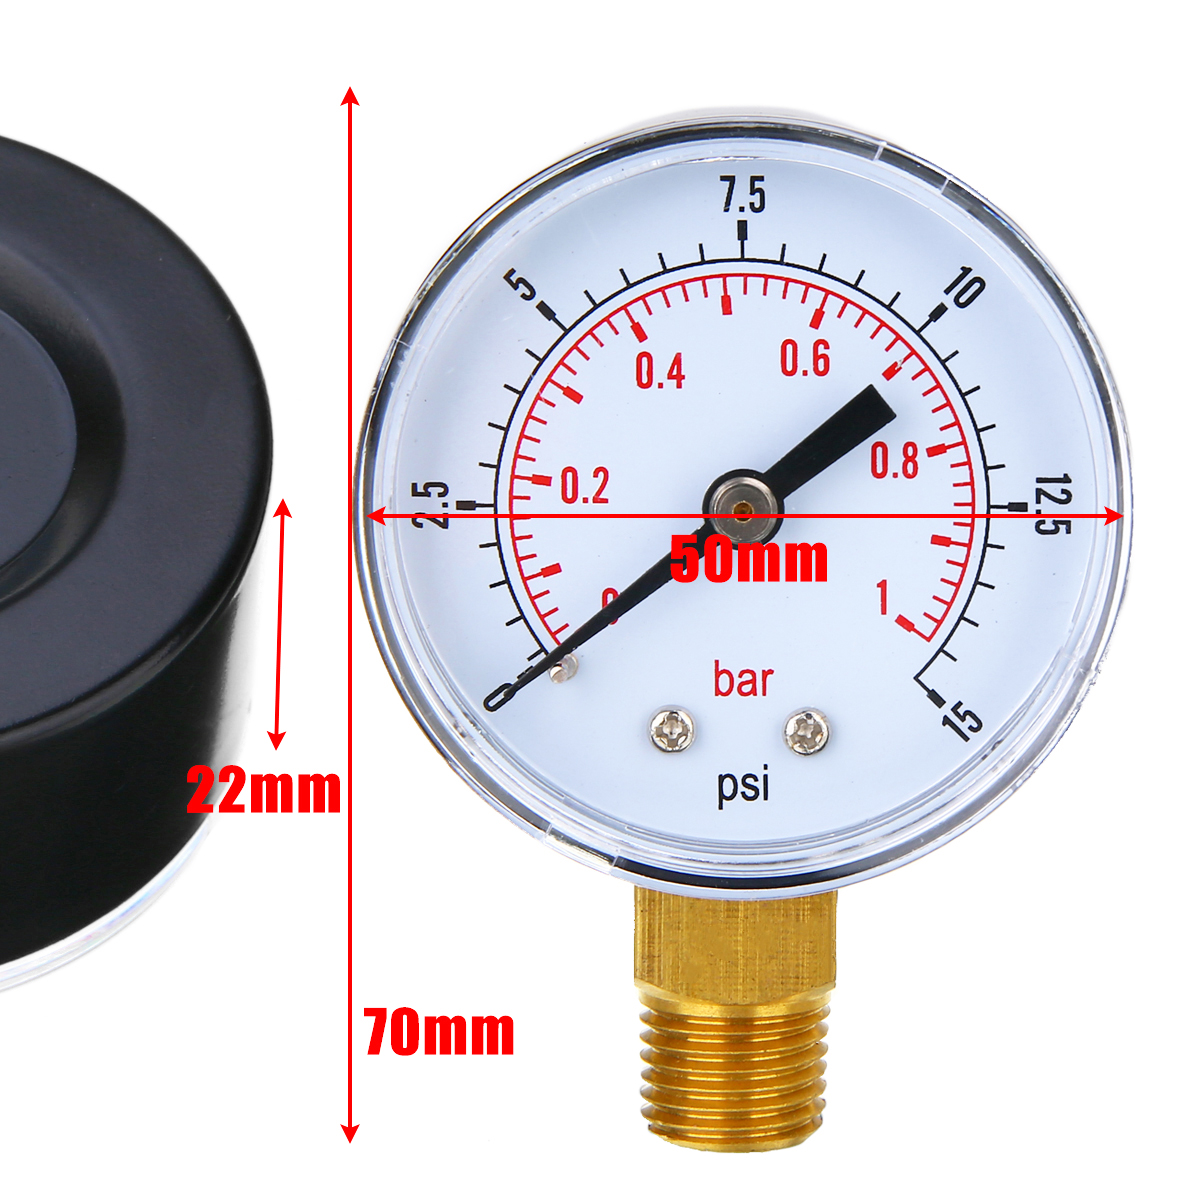 NEW 1/4 BSPT Low Pressure Gauge Air Compressor Meter Manometer 50mm 0-15 PSI 0-1 Bar For Fuel Air Oil Gas Water